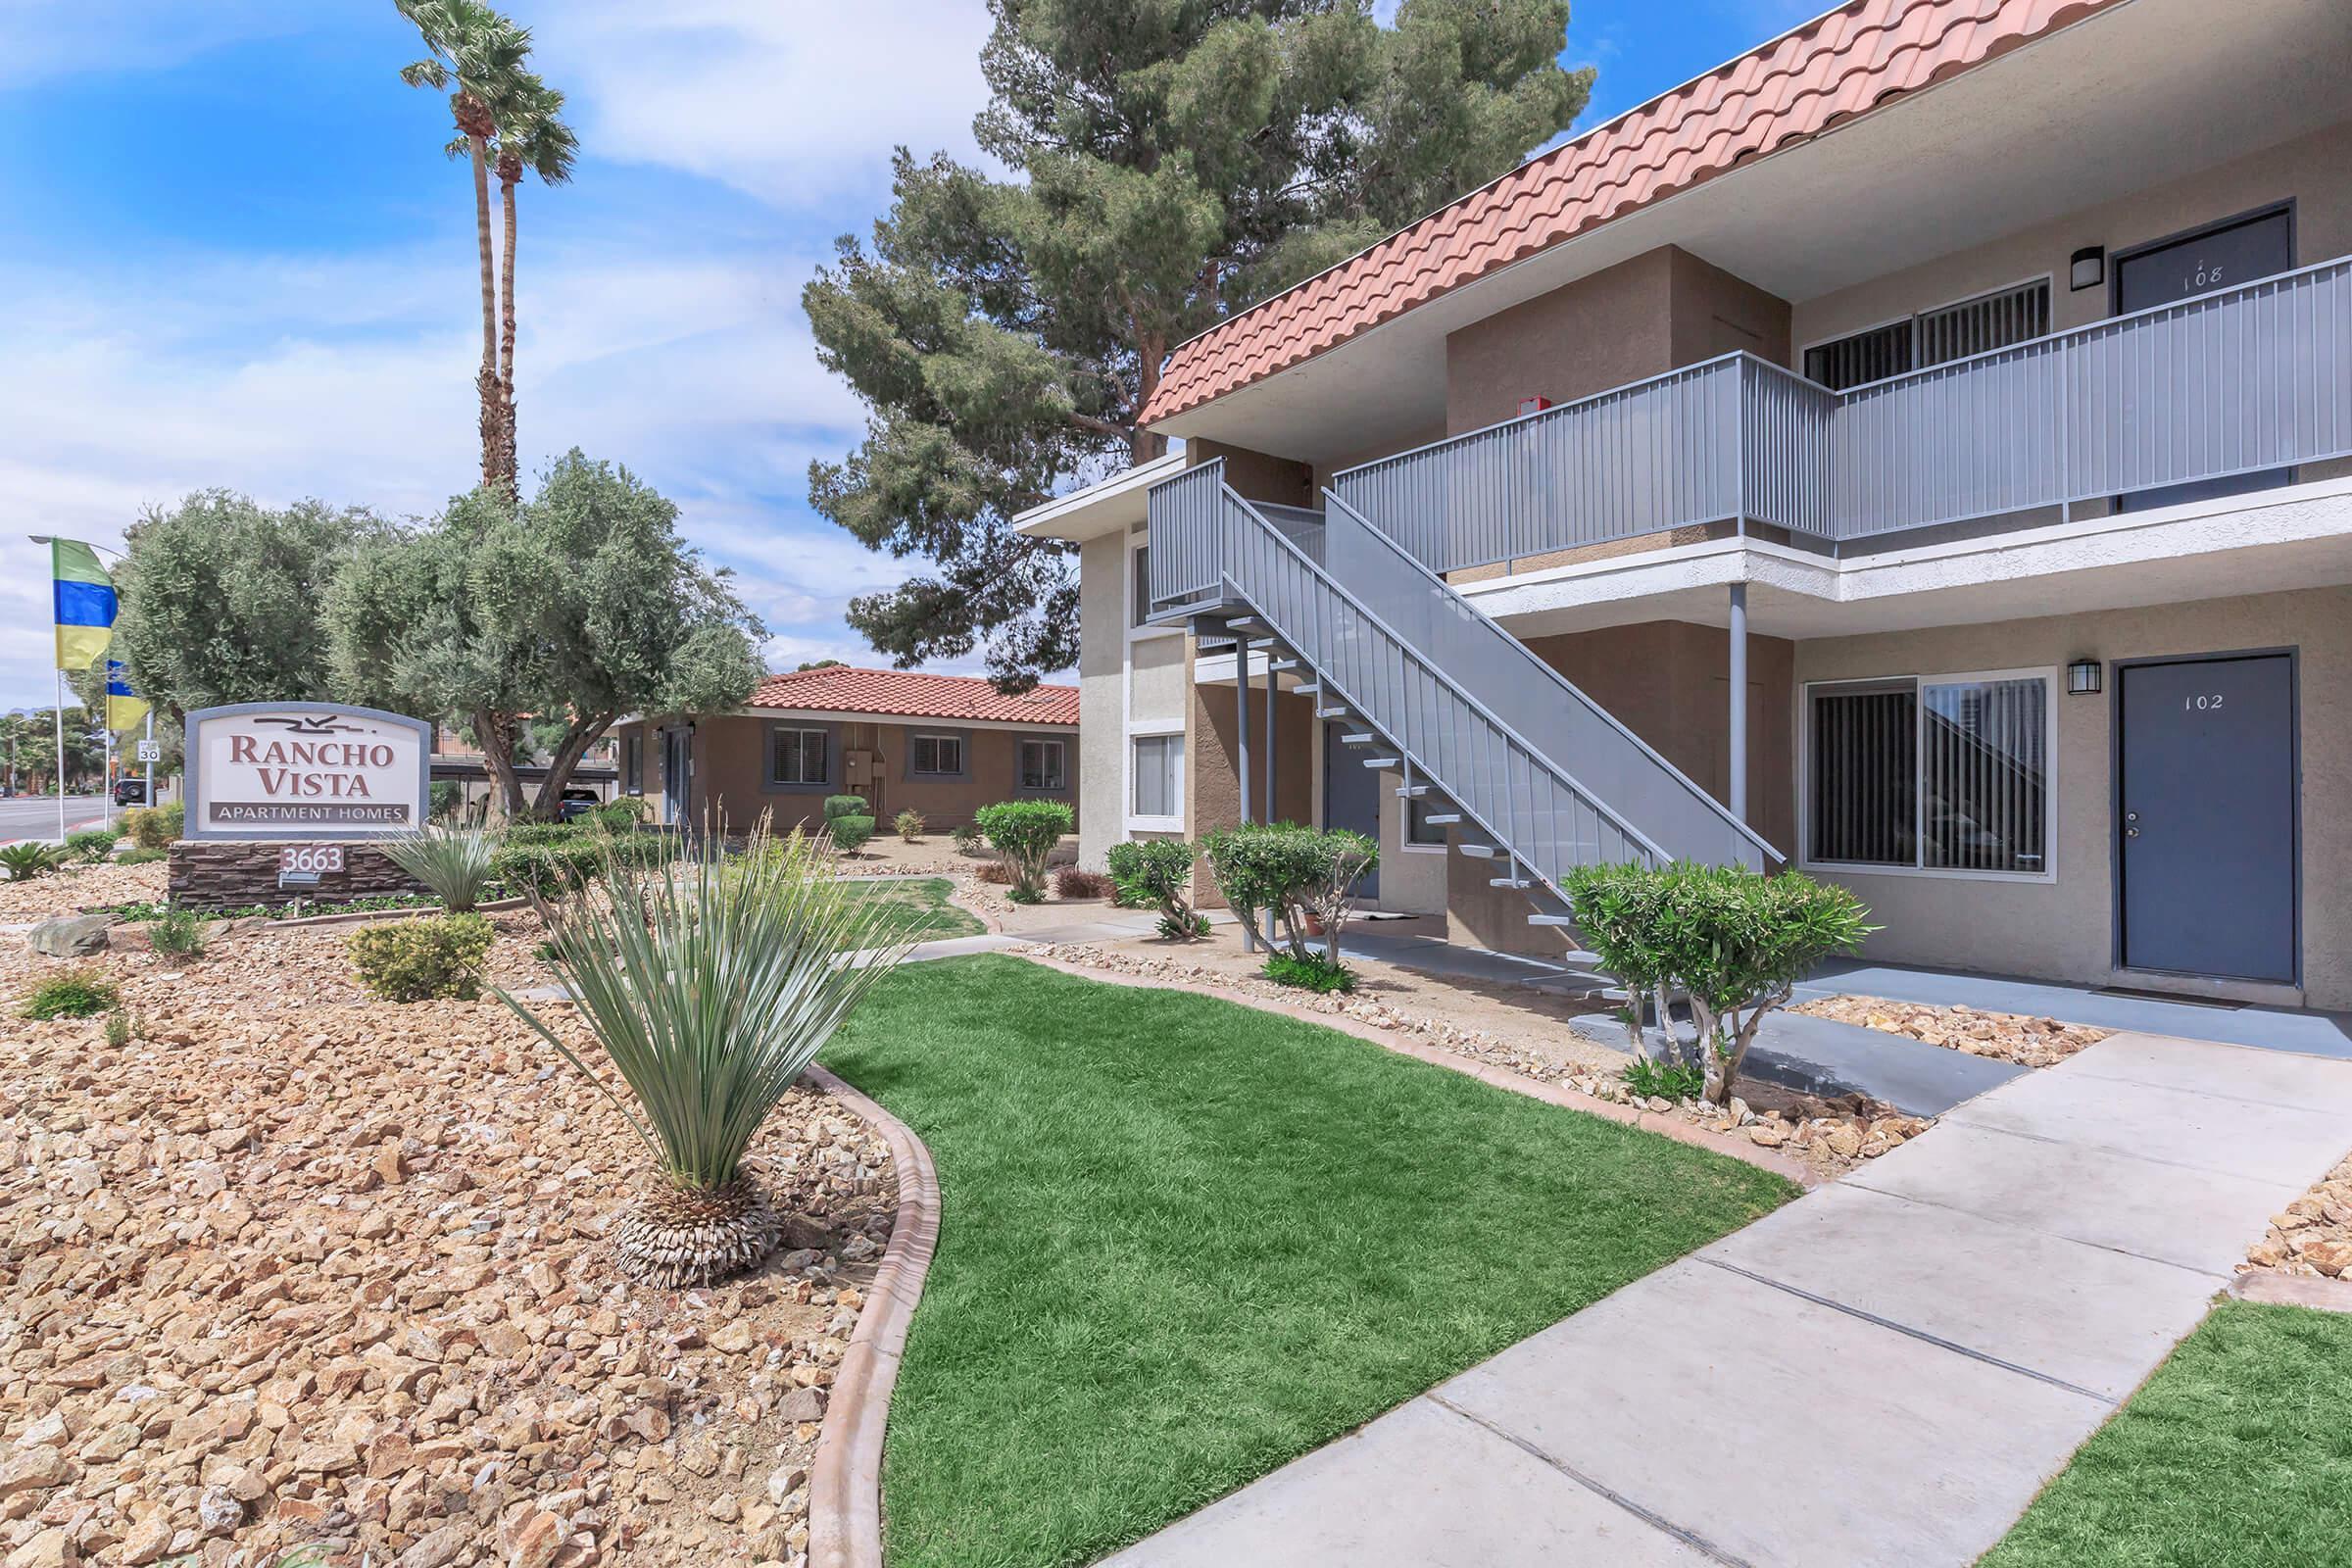 Rancho Vista for rent